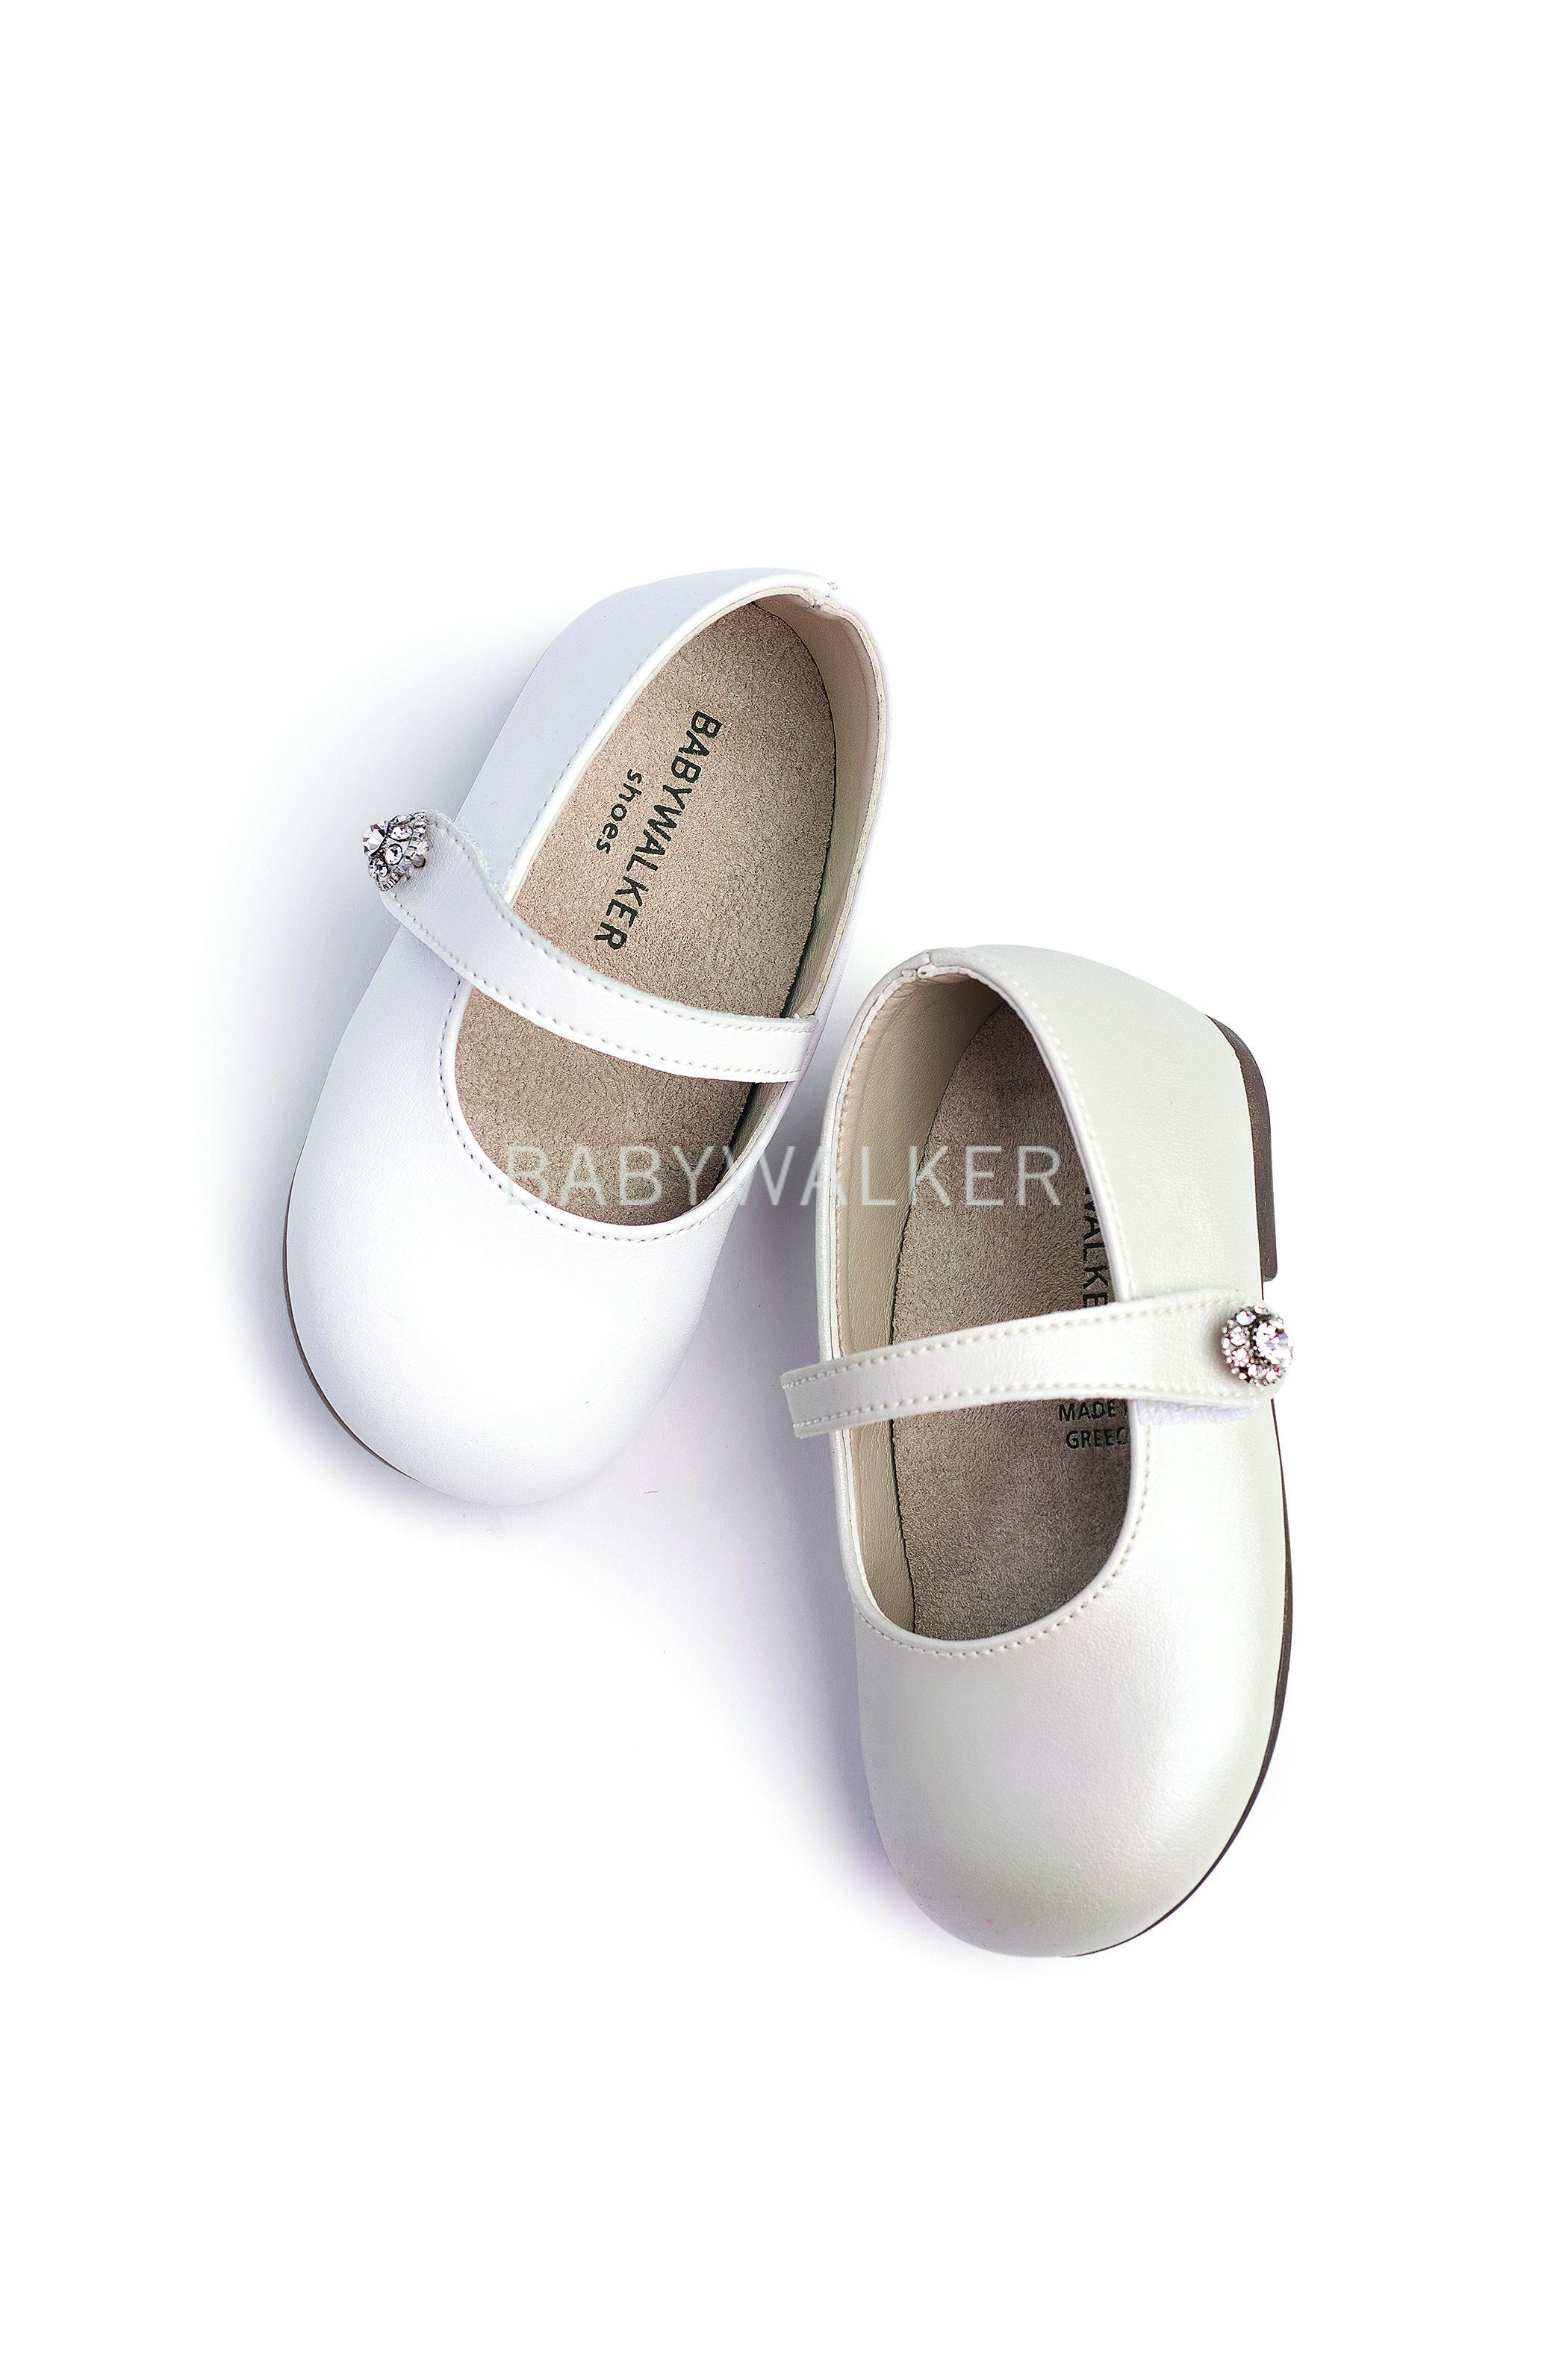 11e28735054 Βαπτιστικό παπούτσι Babywalker για κορίτσι από συνθετικό περλέ και ματ  δέρμα σε εκρού και λευκό